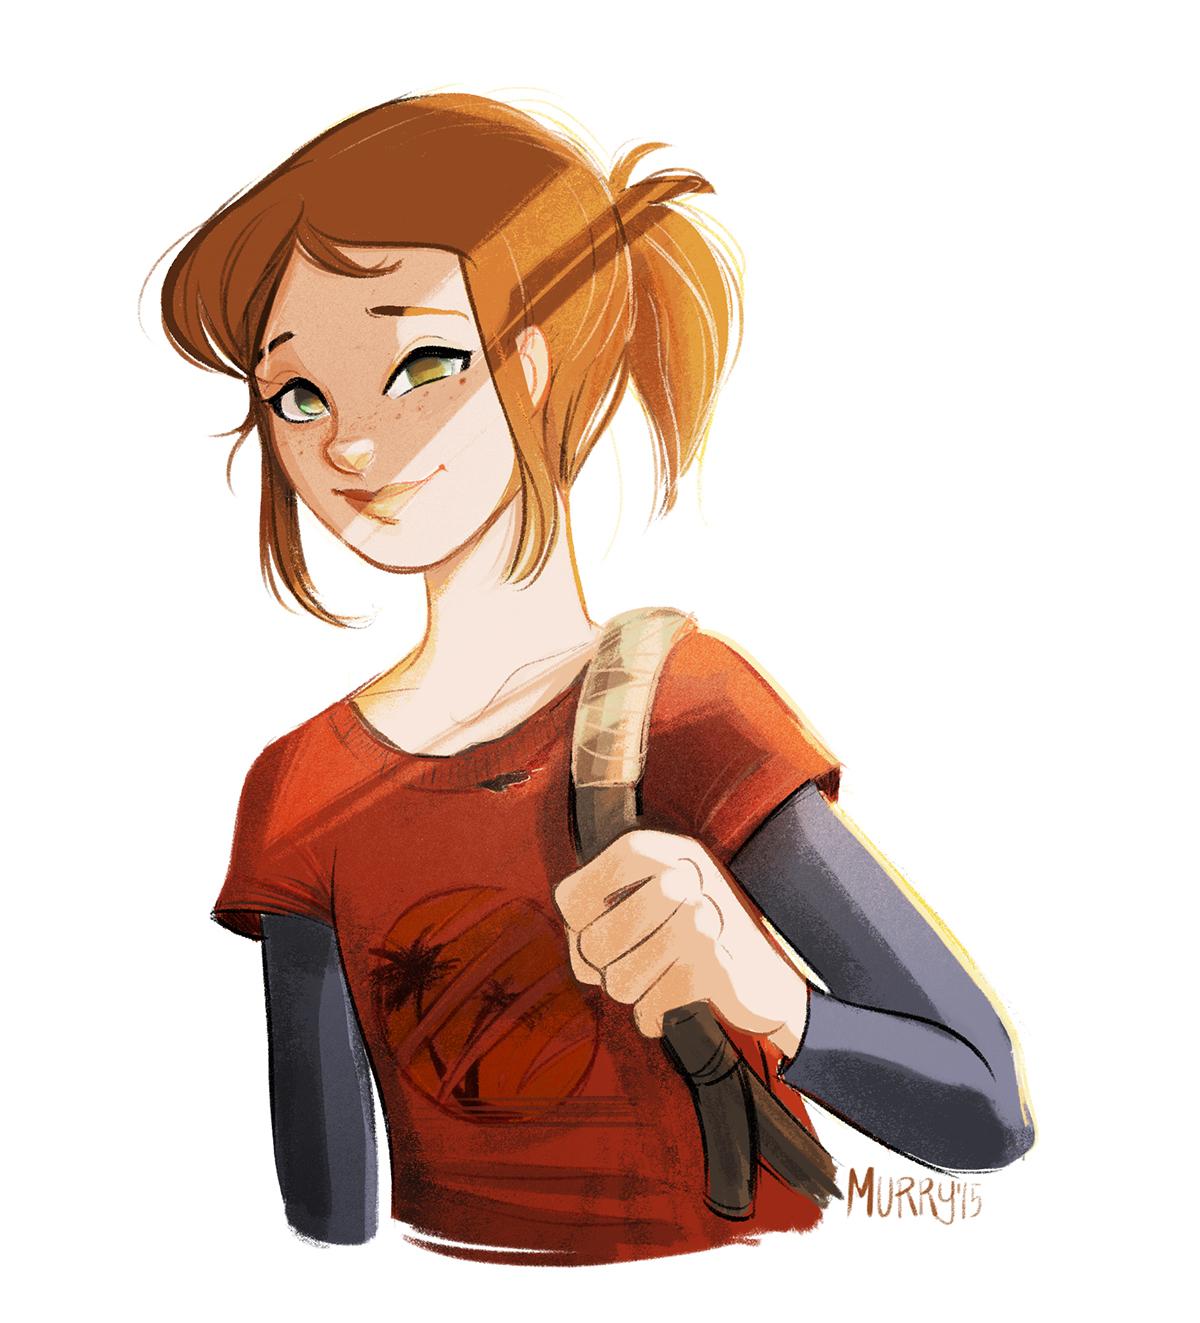 Ellie The Last Of Us Fanart Reloaded On Behance